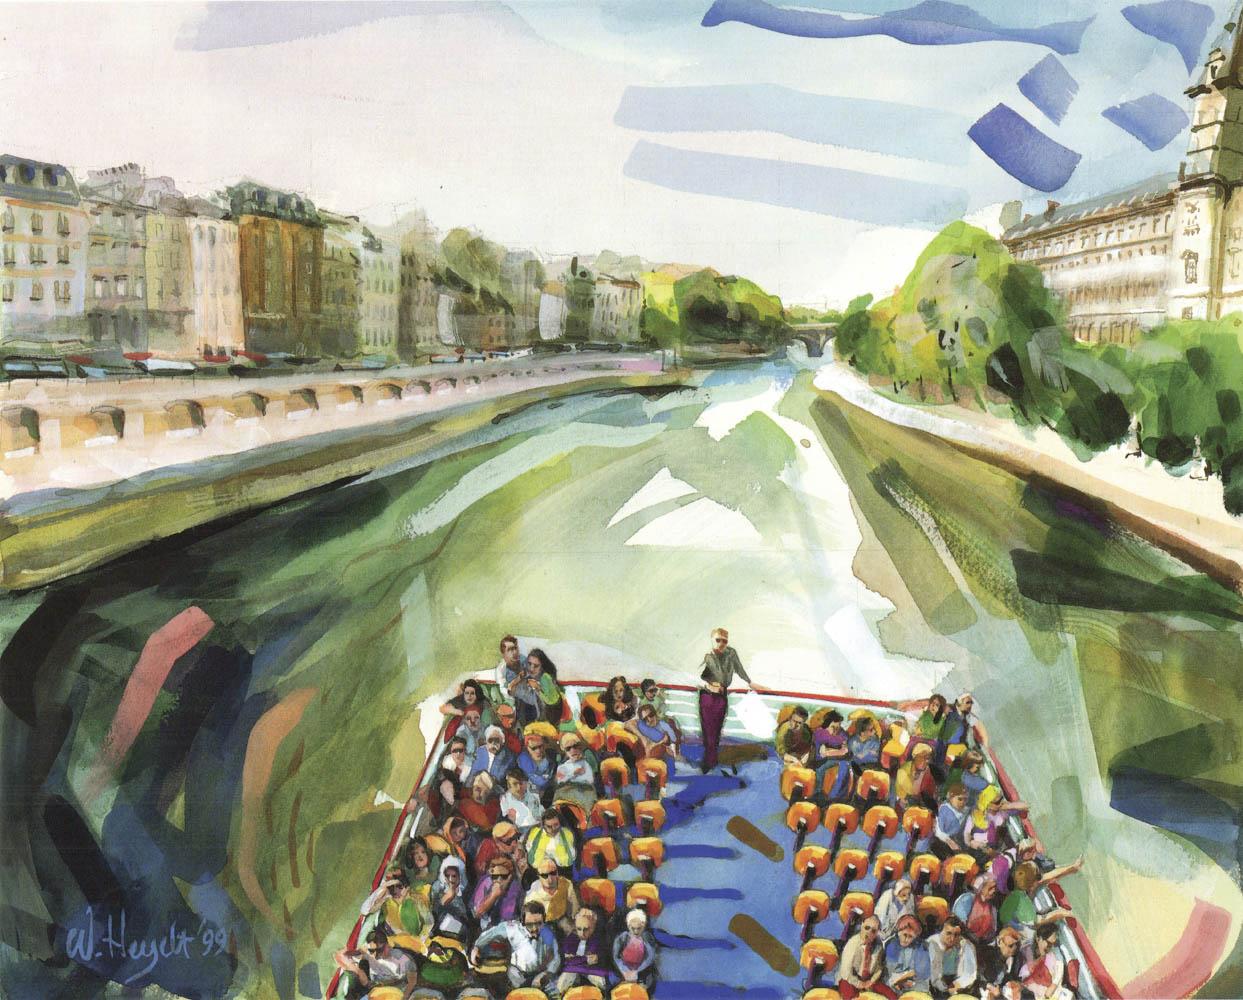 A choppy Seine makes for a fun ride on the Bateau Mouche - Paris